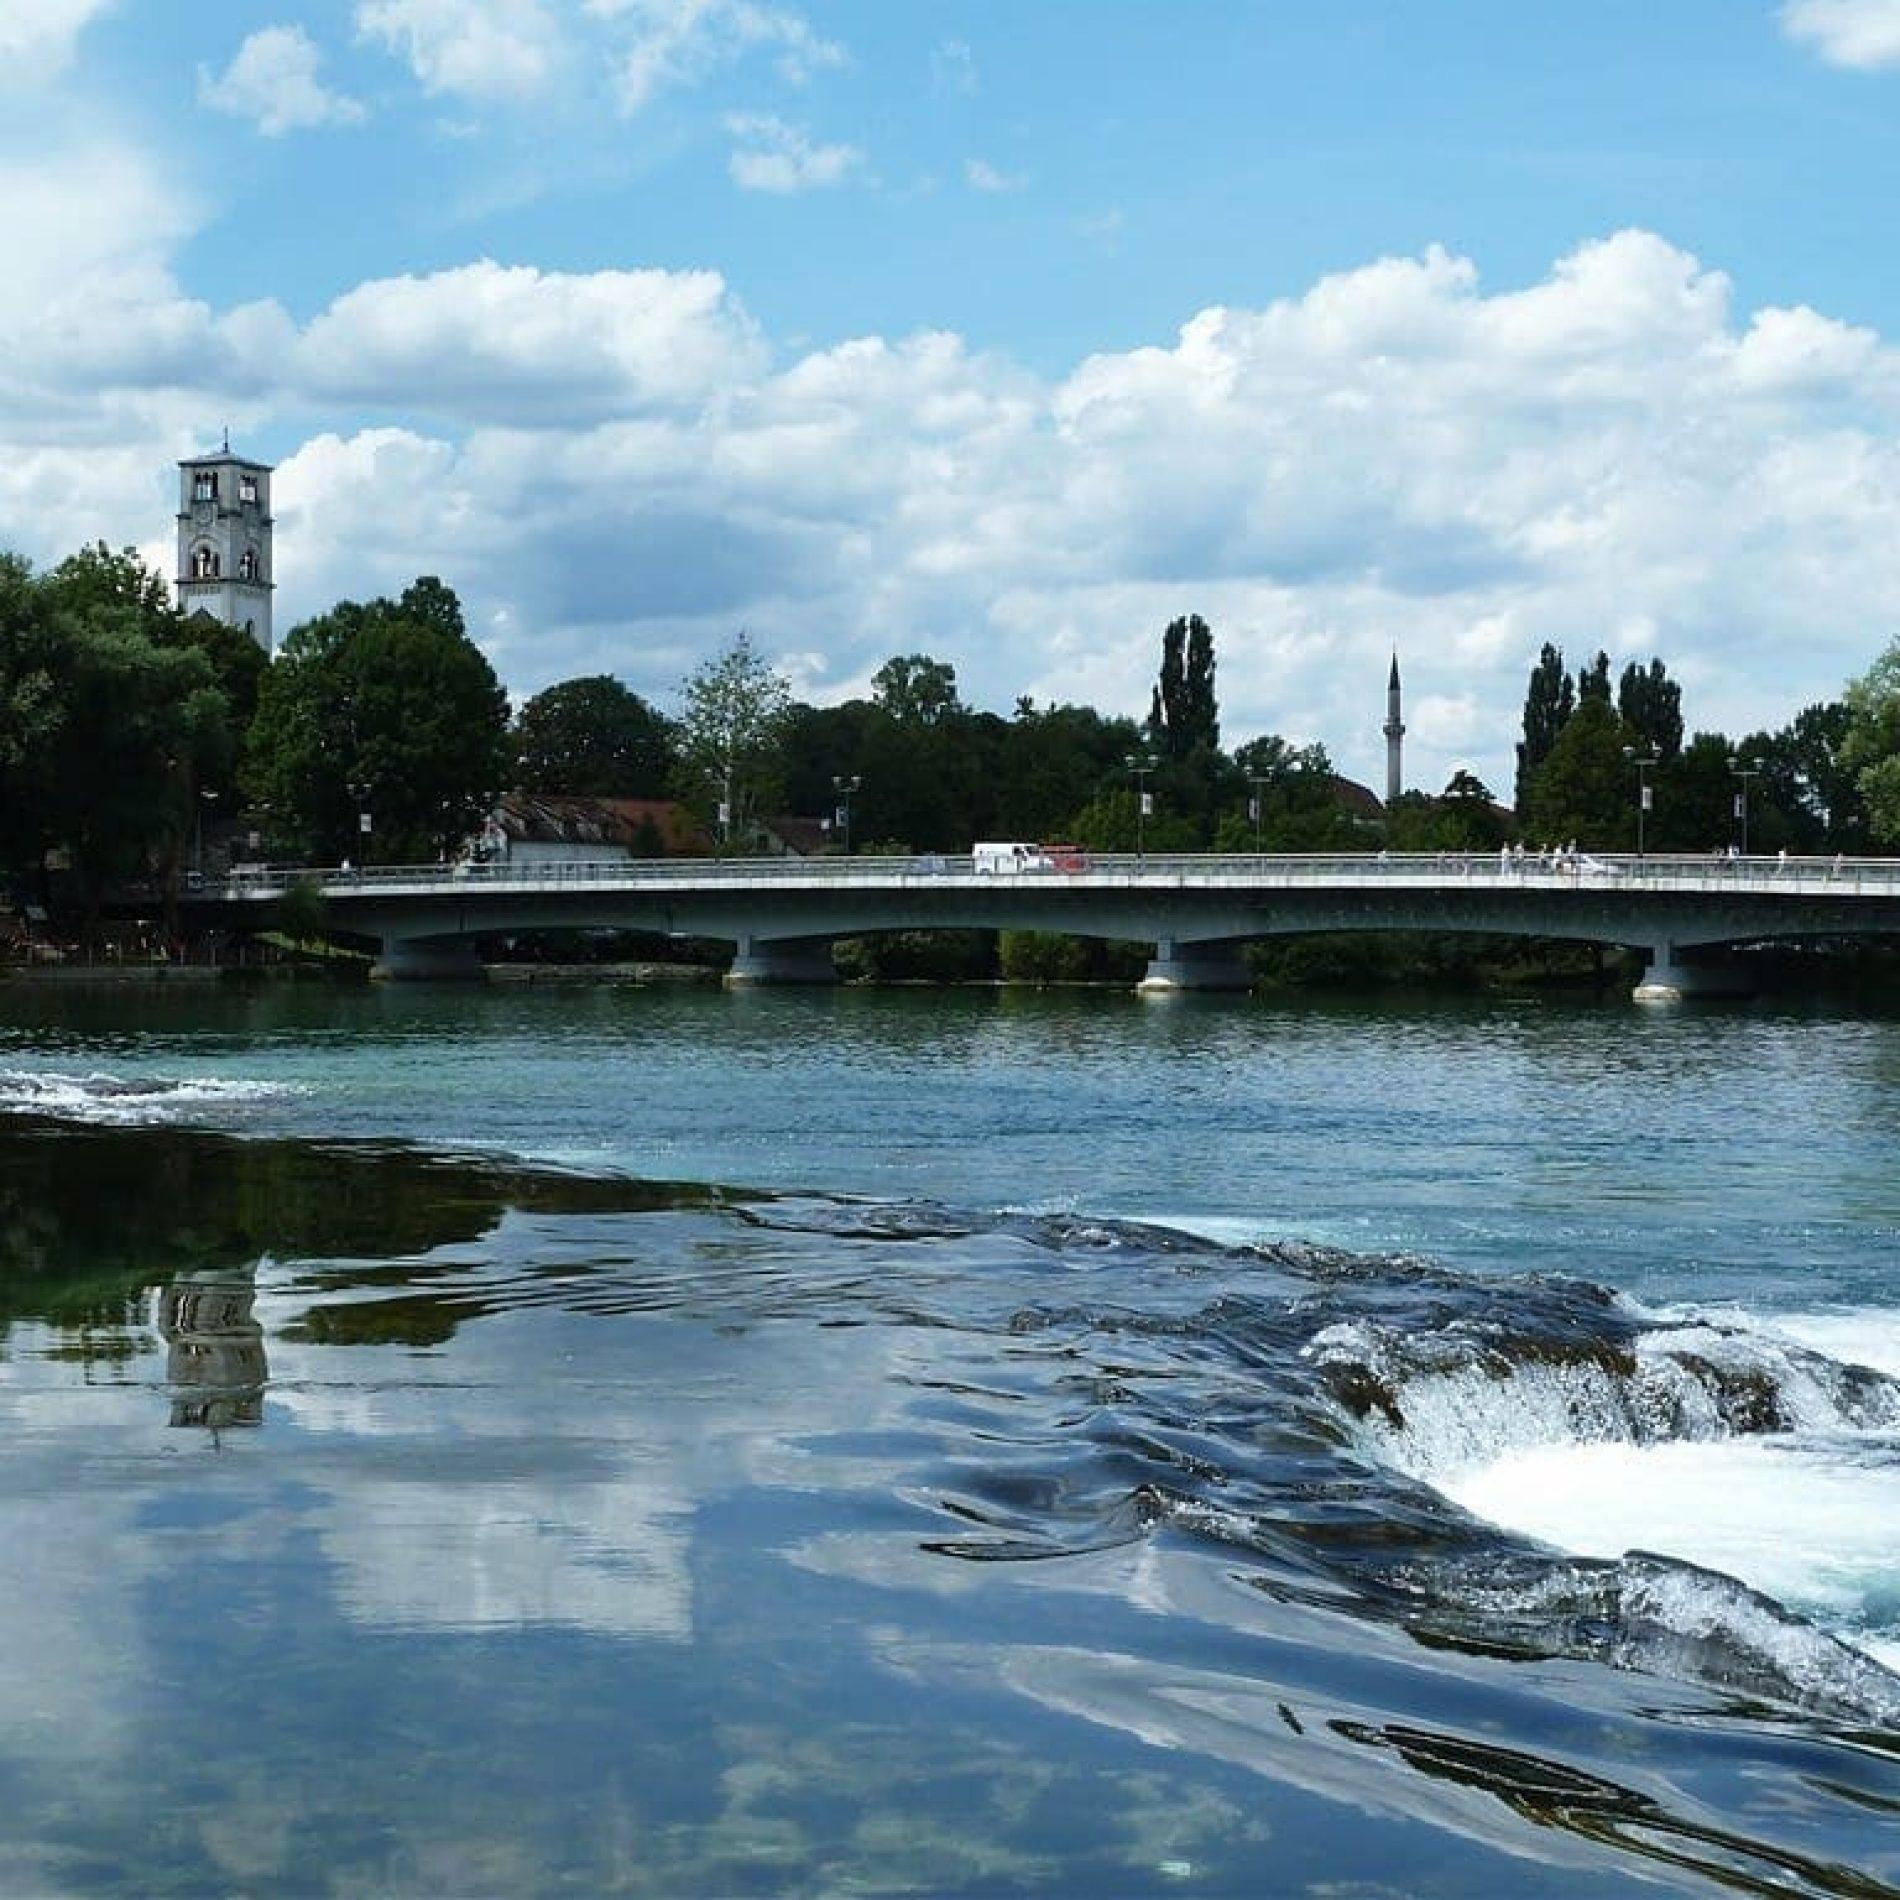 Bosanska Krajina – Kod kuće je najljepše. Uprkos svemu uspjeh je moguć